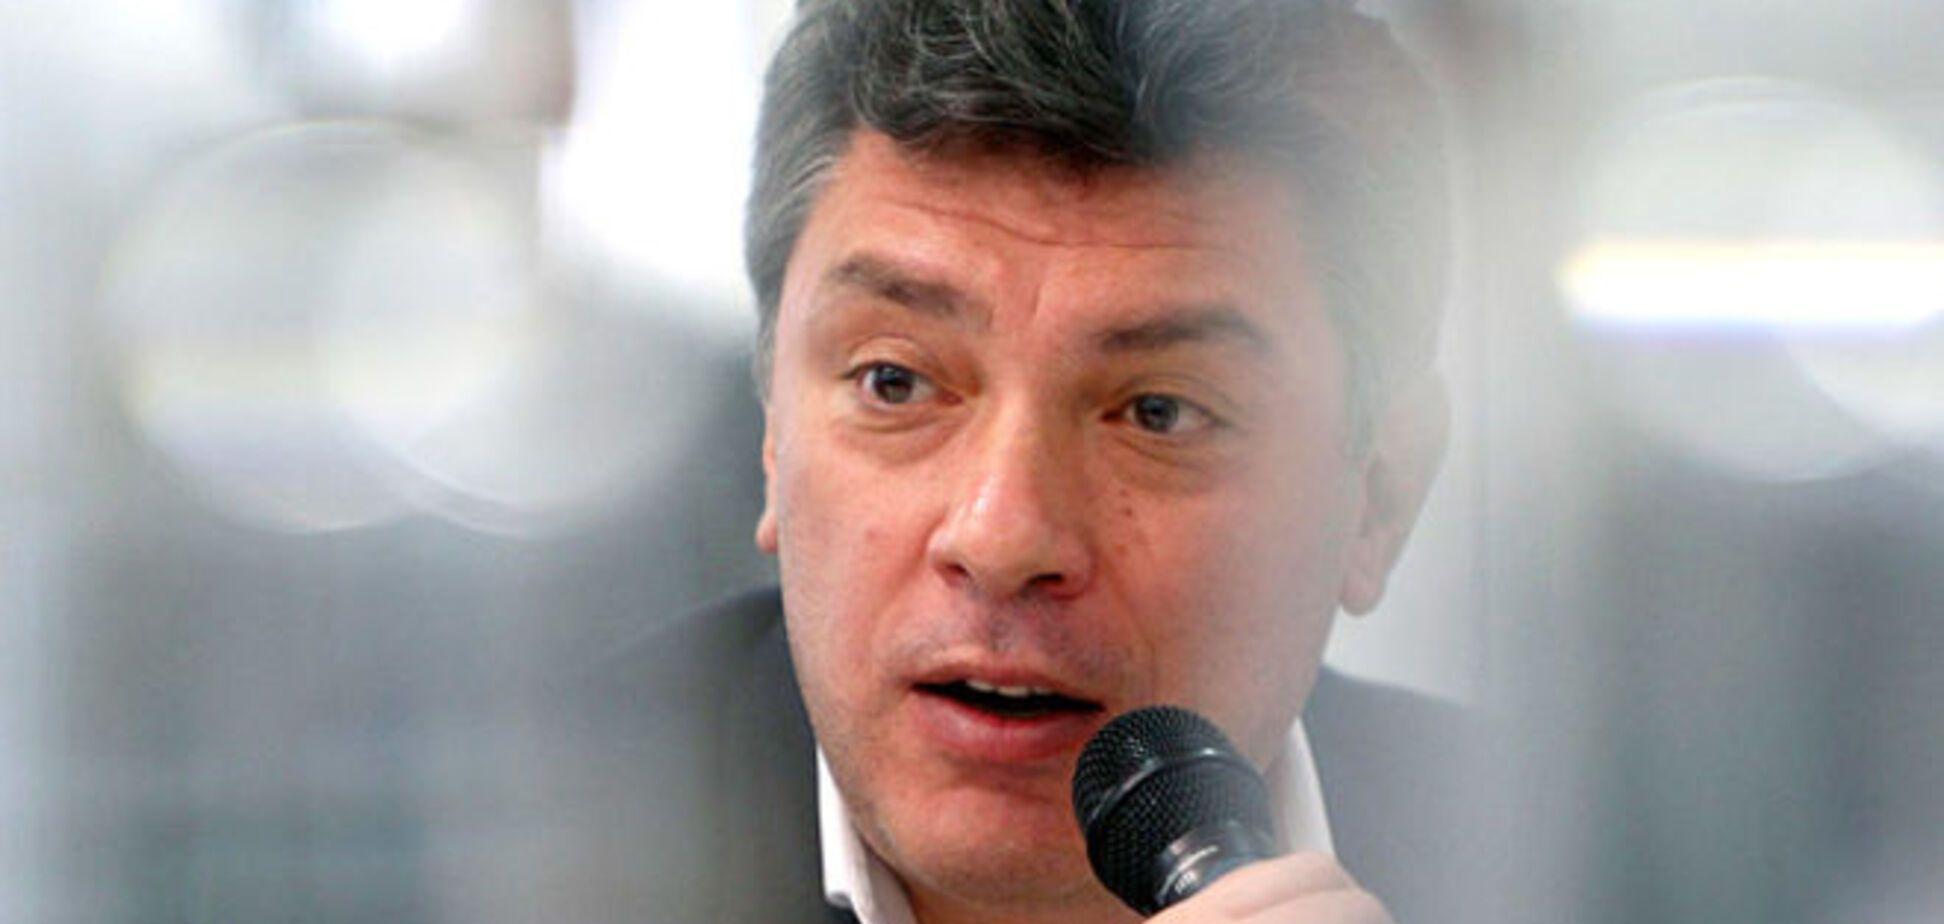 Точка отсчета. В России призвали власть и оппозицию остановиться из-за убийства Немцова